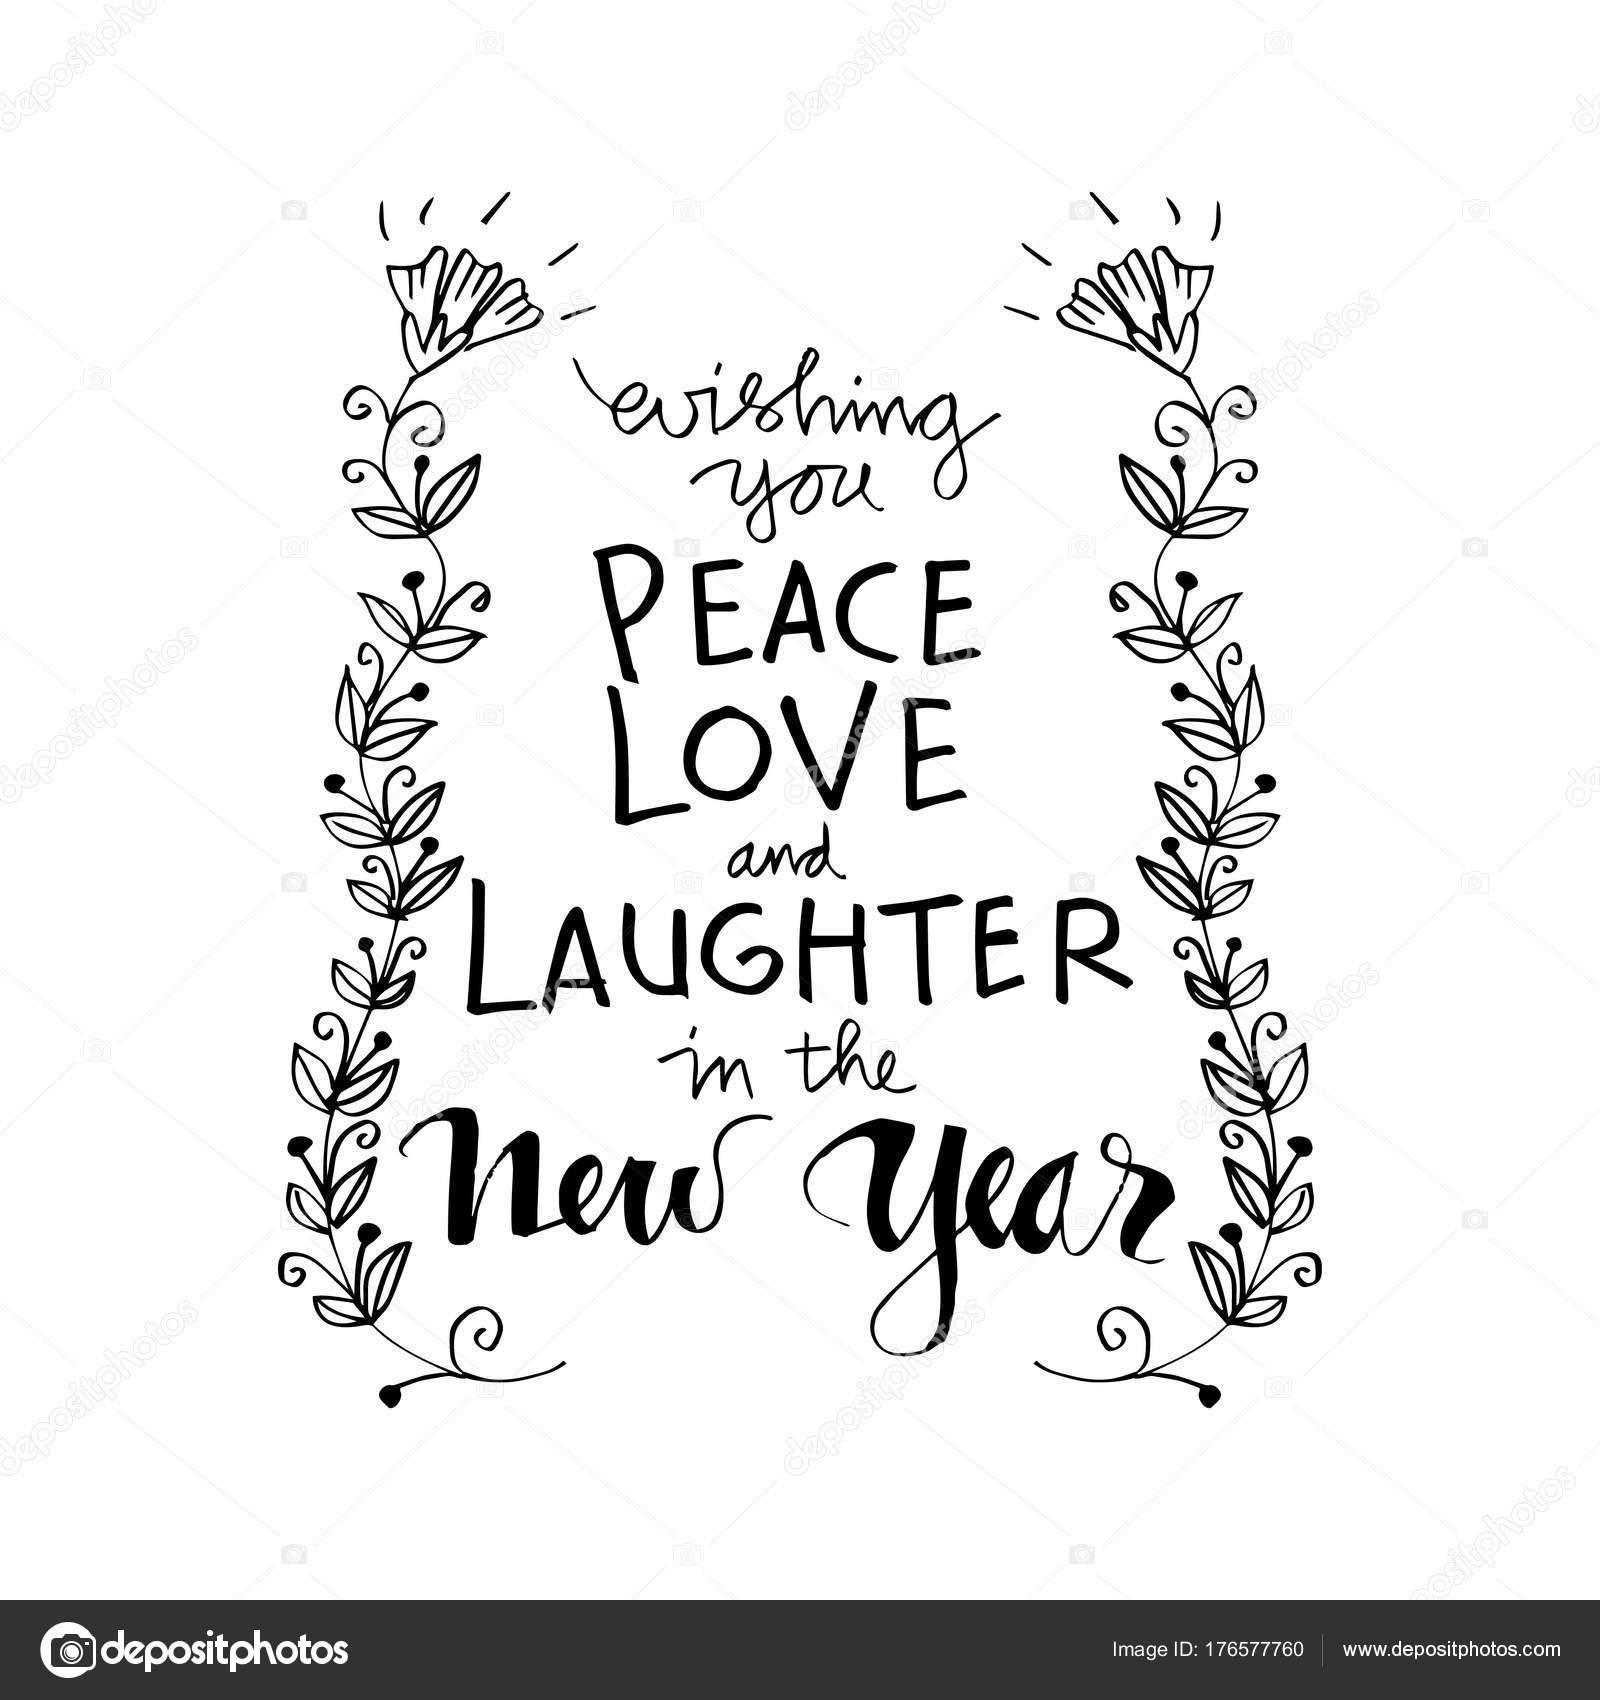 Vous Souhaite Amour Paix Rire Dans Nouvelle Année Citation